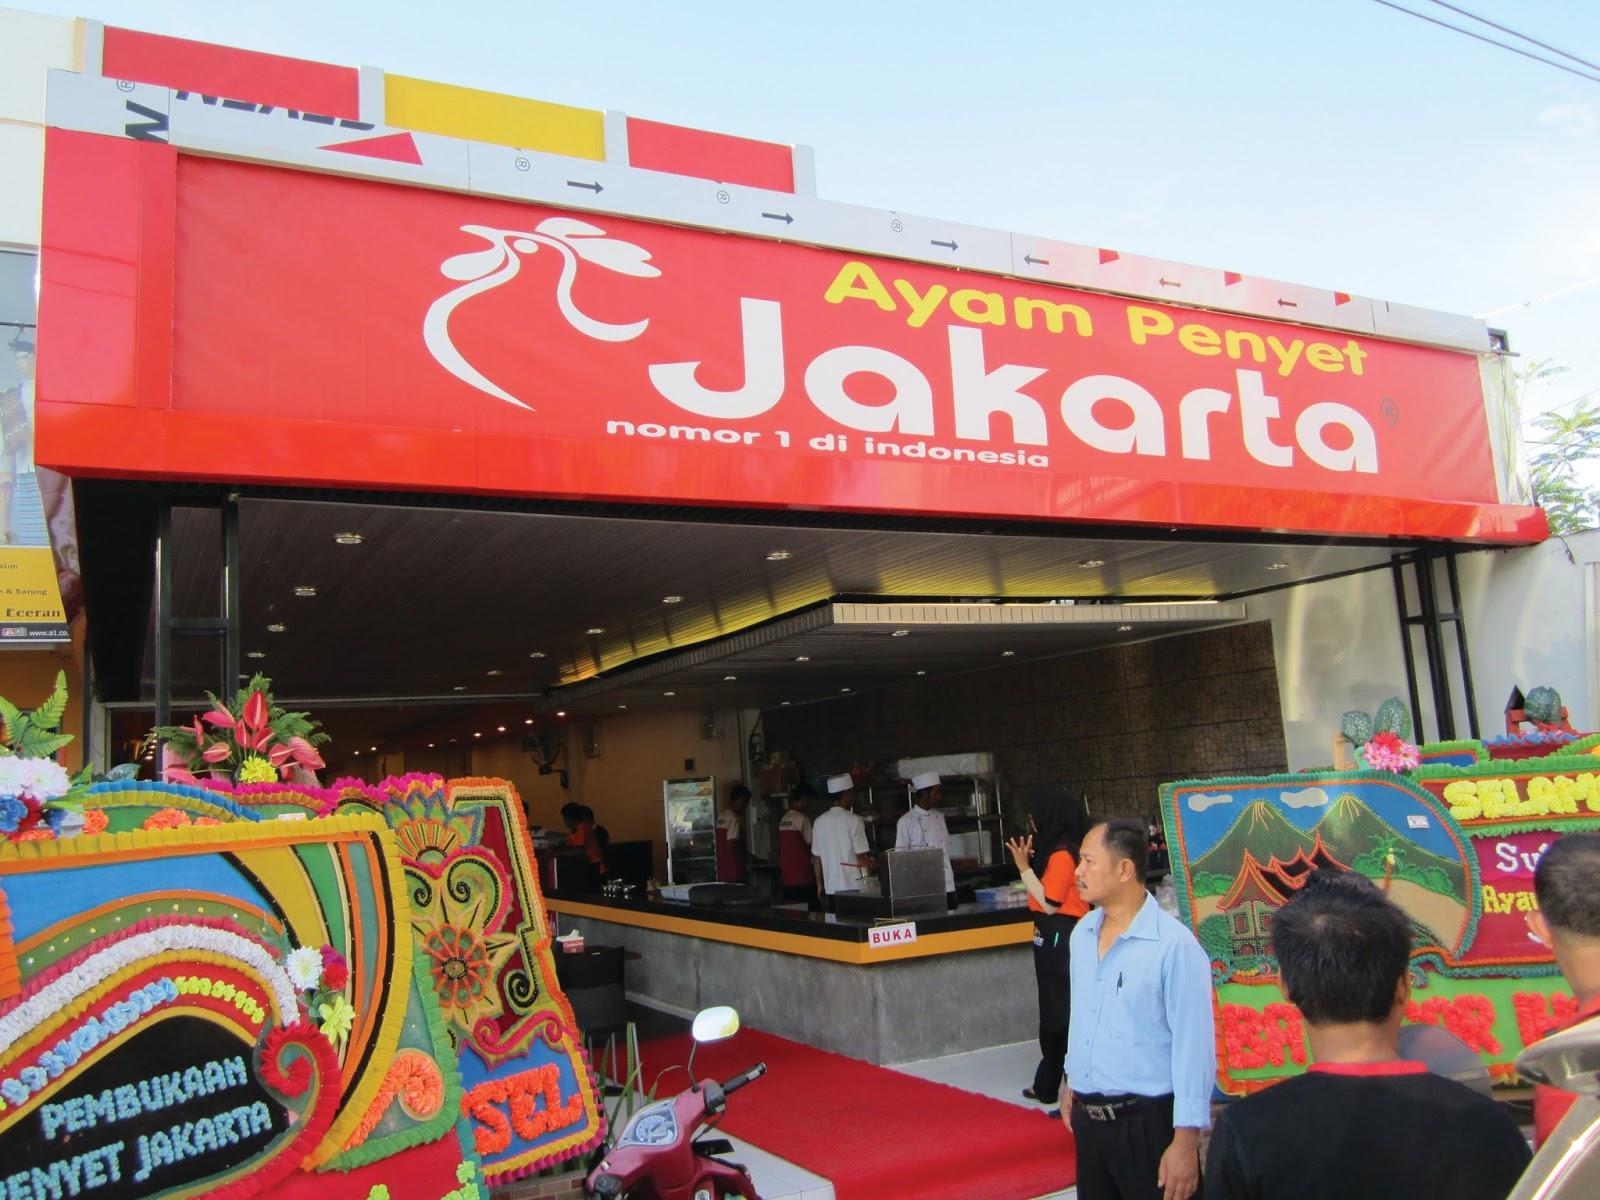 Lowongan Kerja Medan Restoran Ayam Penyet Jakarta Apj Posisi Admin Lowongan Kerja Medan Terbaru Tahun 2021